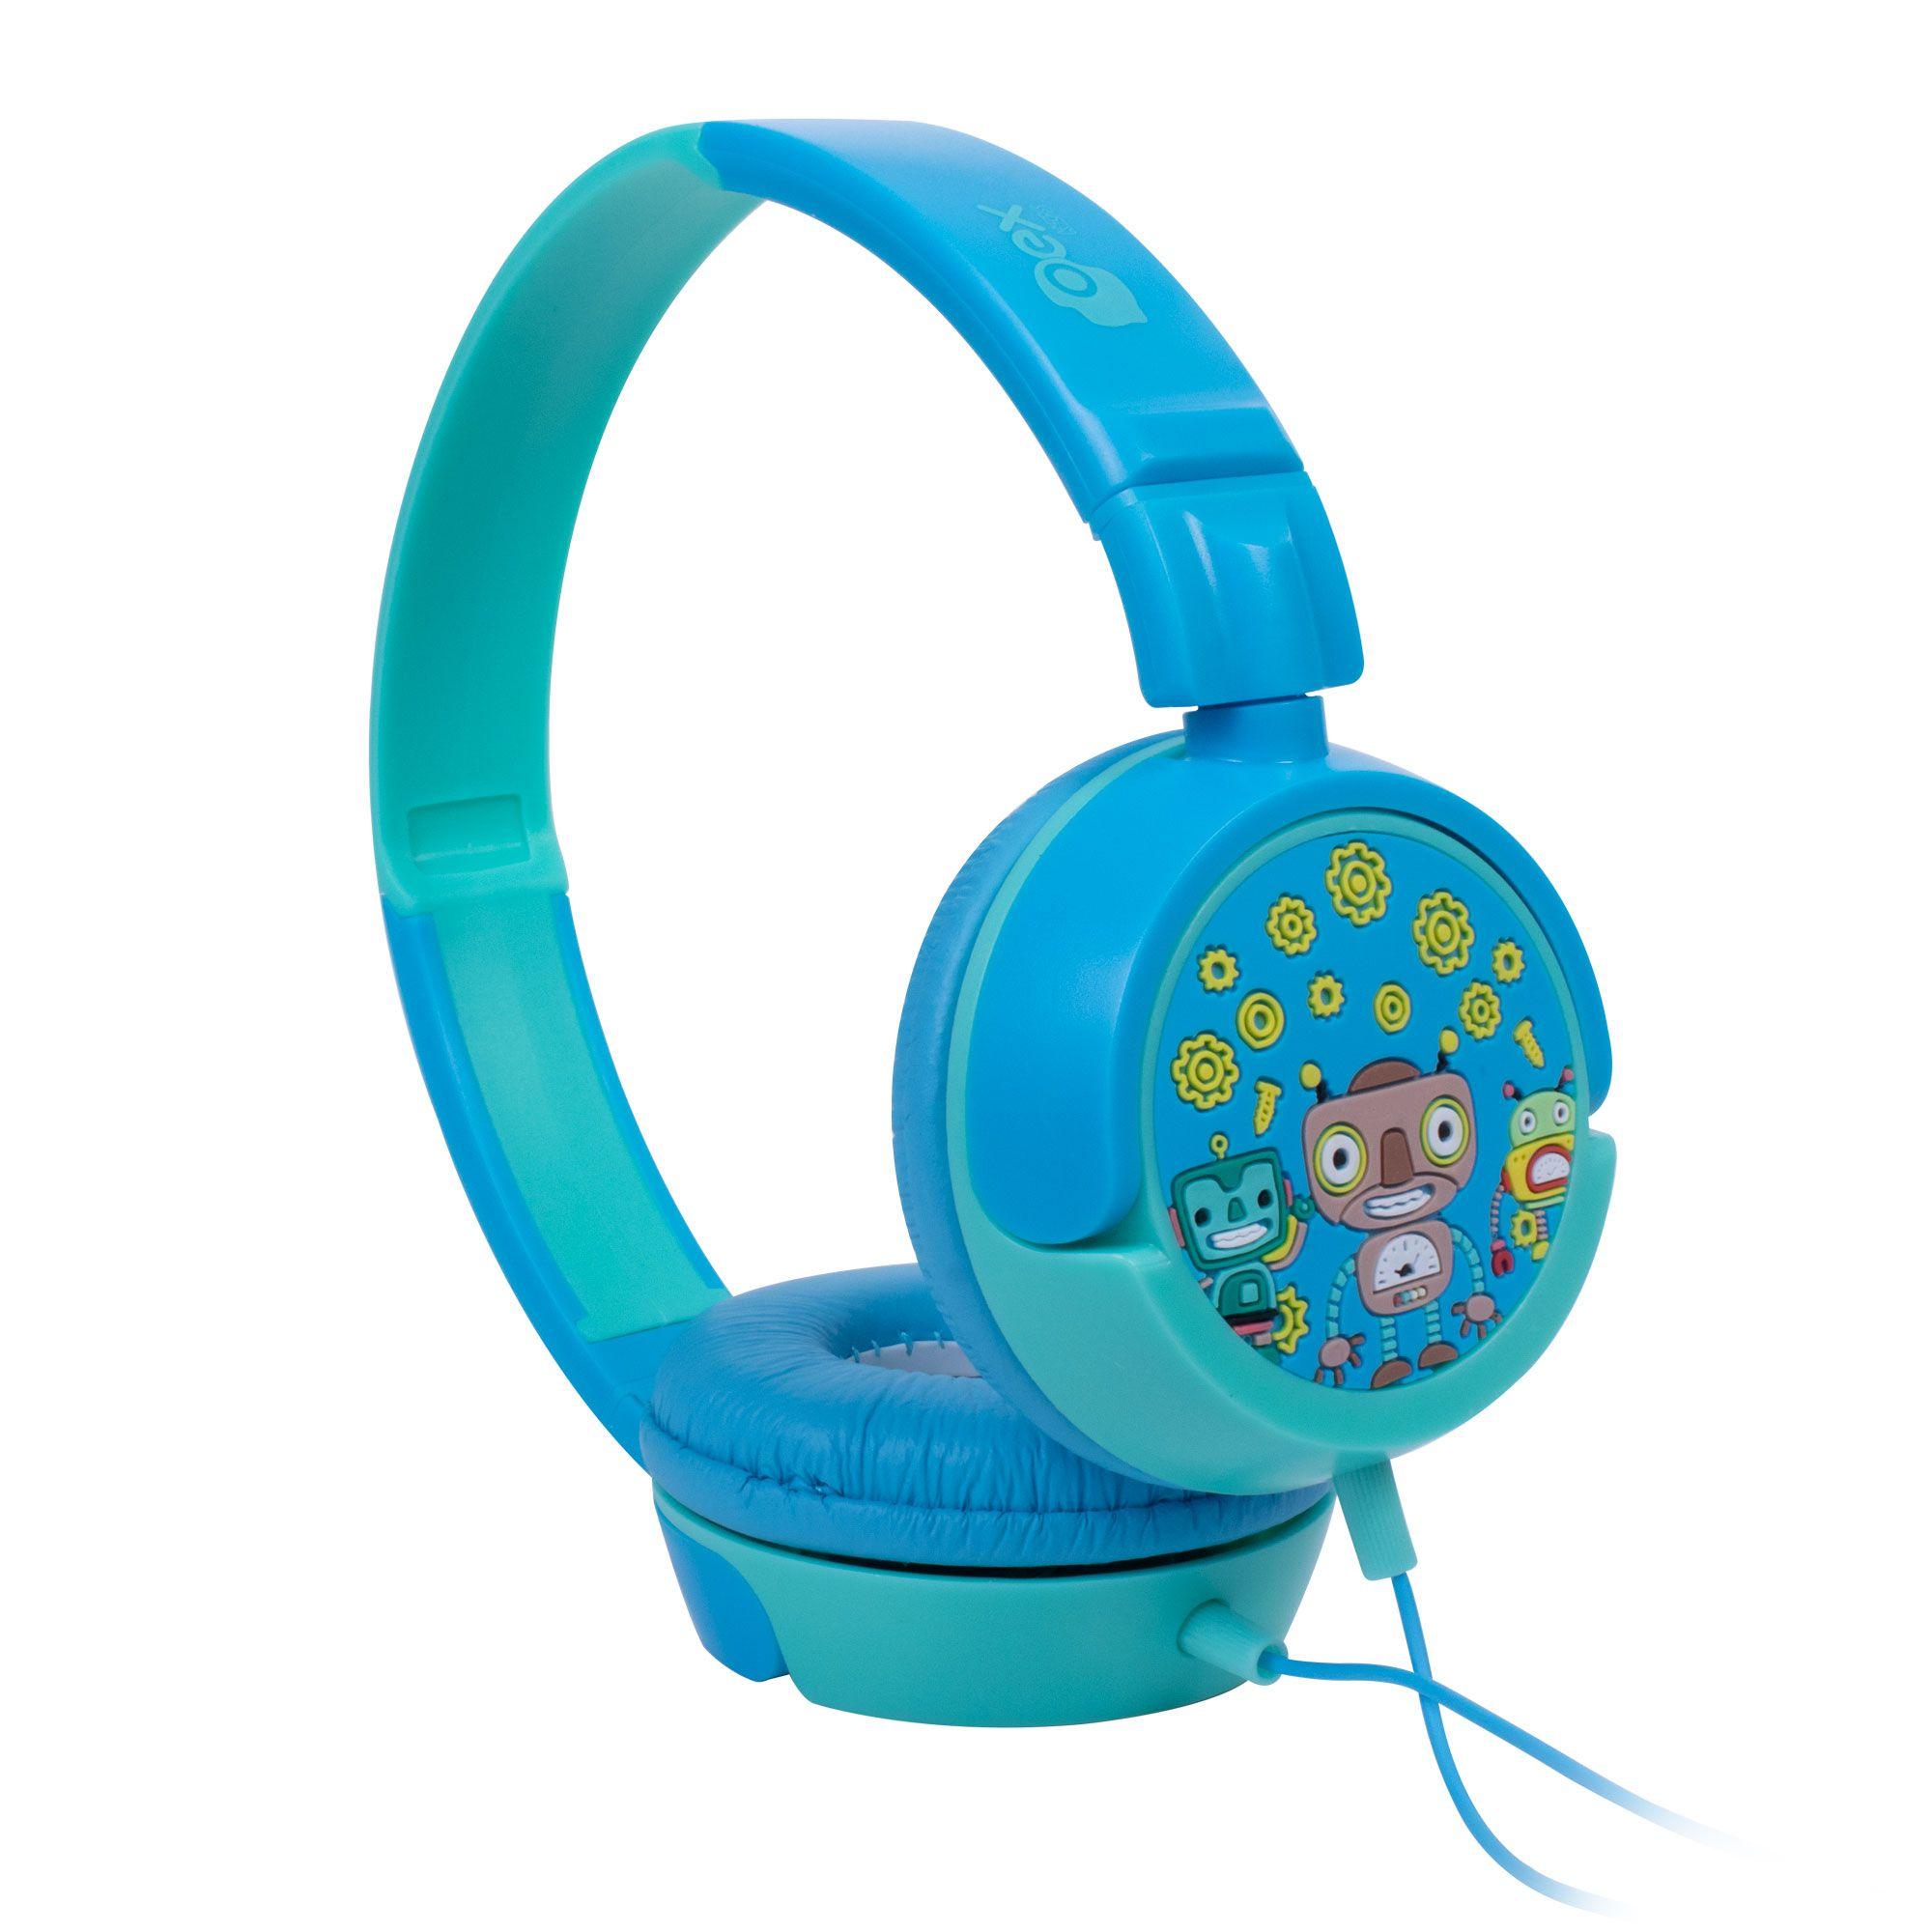 Headphone Fone De Ouvido Kids Criança Robos Azul Hp-305